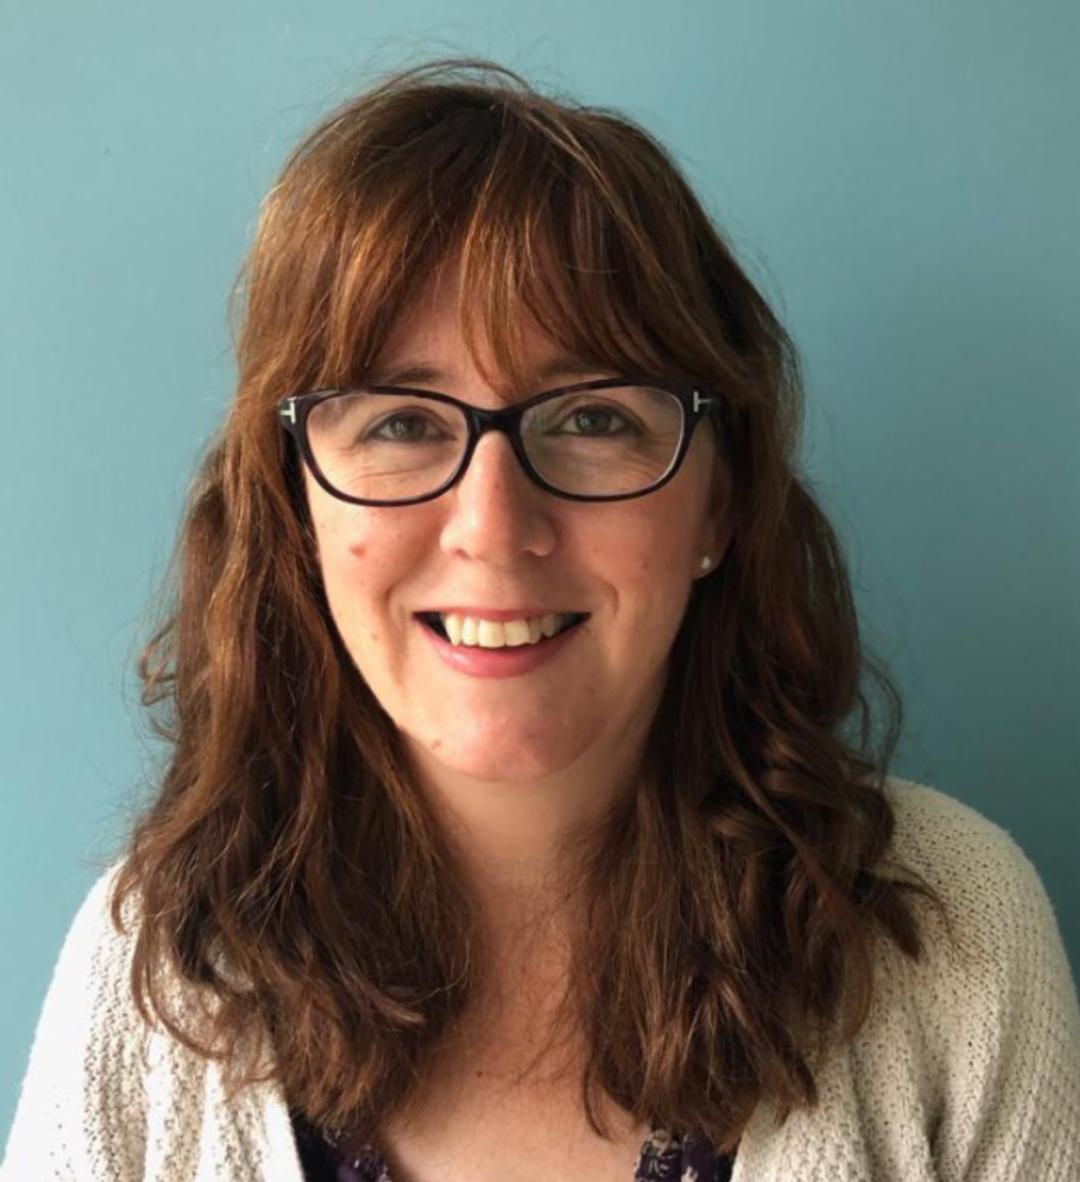 Karen Simkins